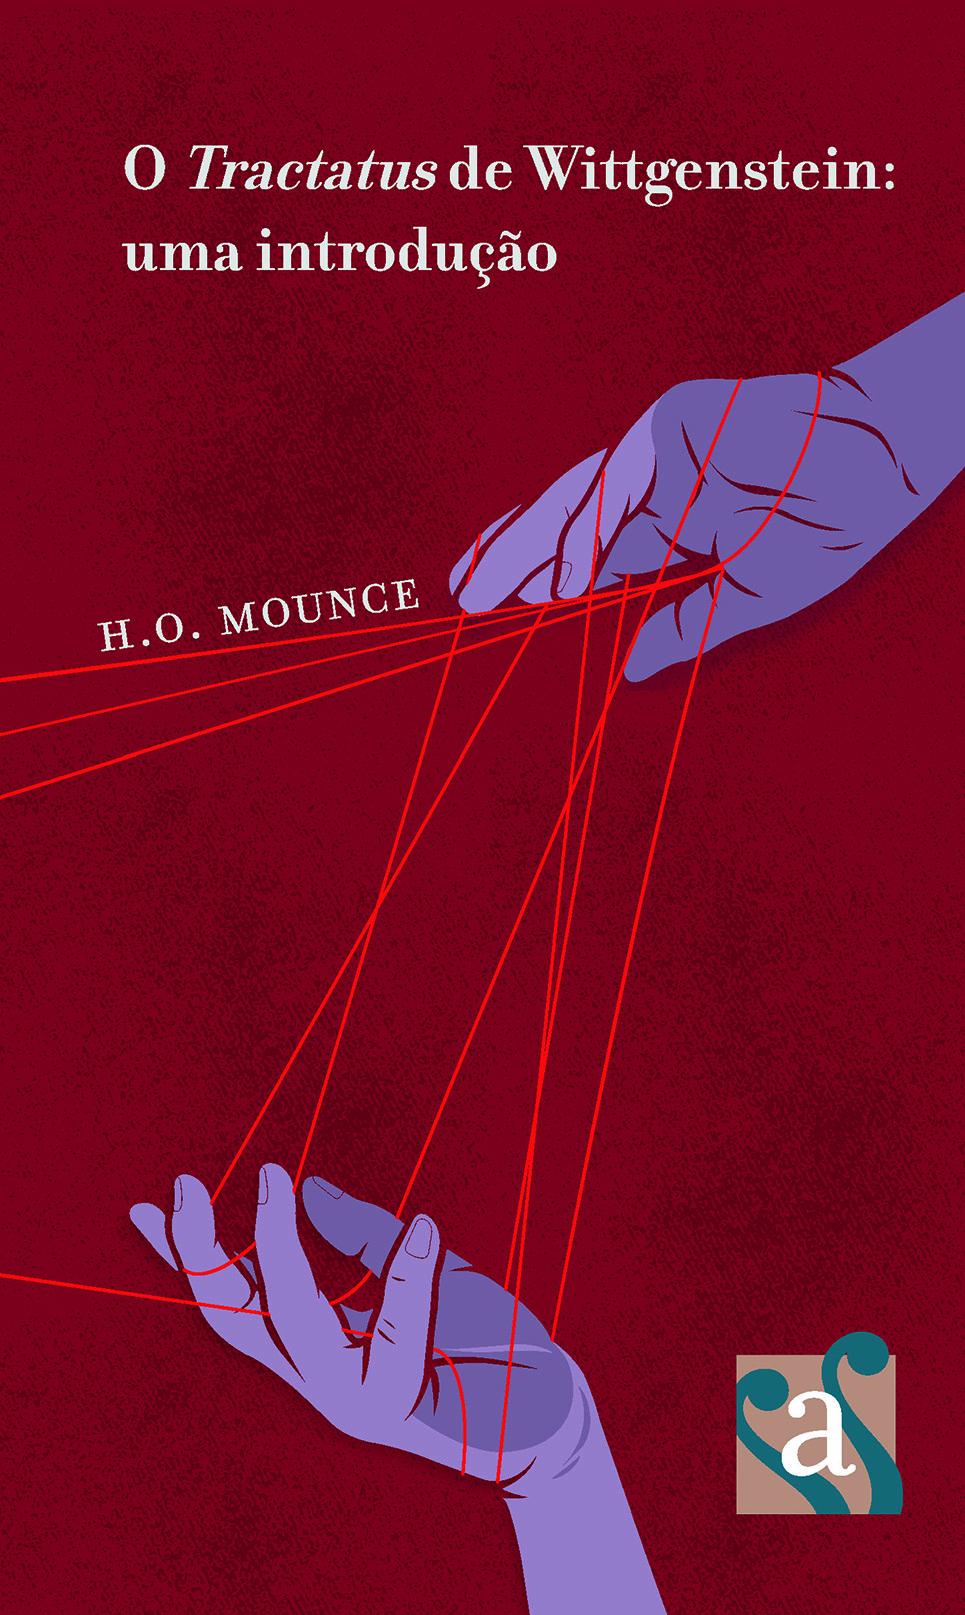 Capa do livro O Tractatus de Wittgenstein: uma introdução, de H. O. Mounce